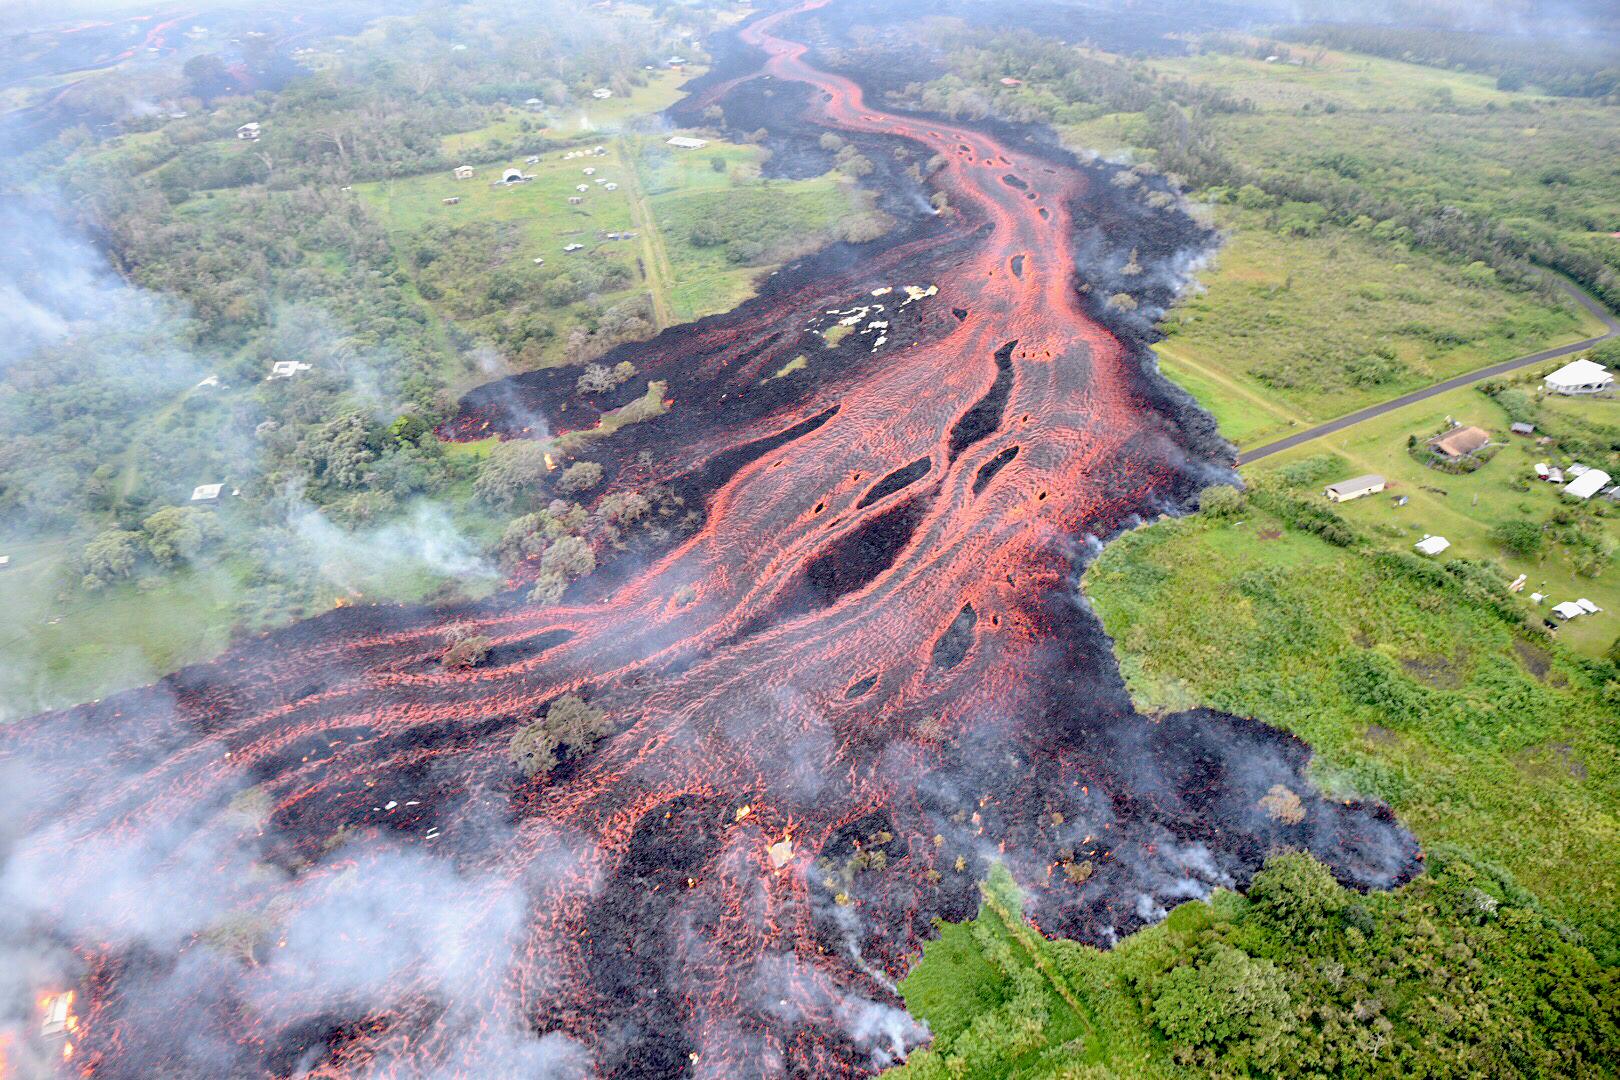 Kilauea lava flow 2018